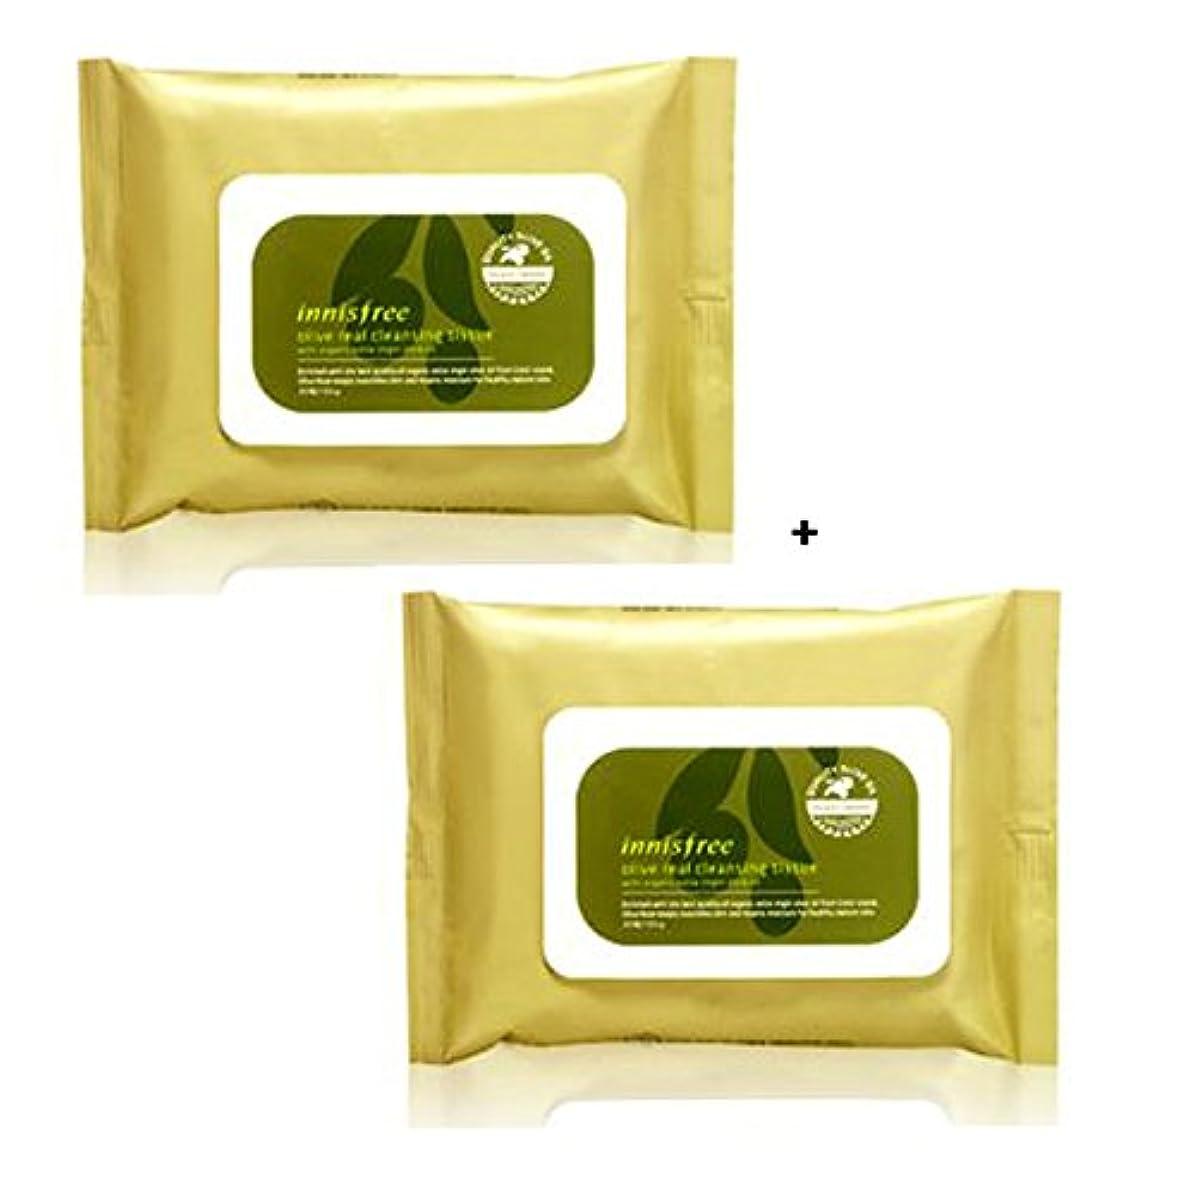 ファンタジー回転する舗装するイニスフリー Innisfree オリーブリアル クレンジングティッシュ (30枚x2) Innisfree Olive Real Cleansing Tissue (30sheetsx2Pcs) [海外直送品]